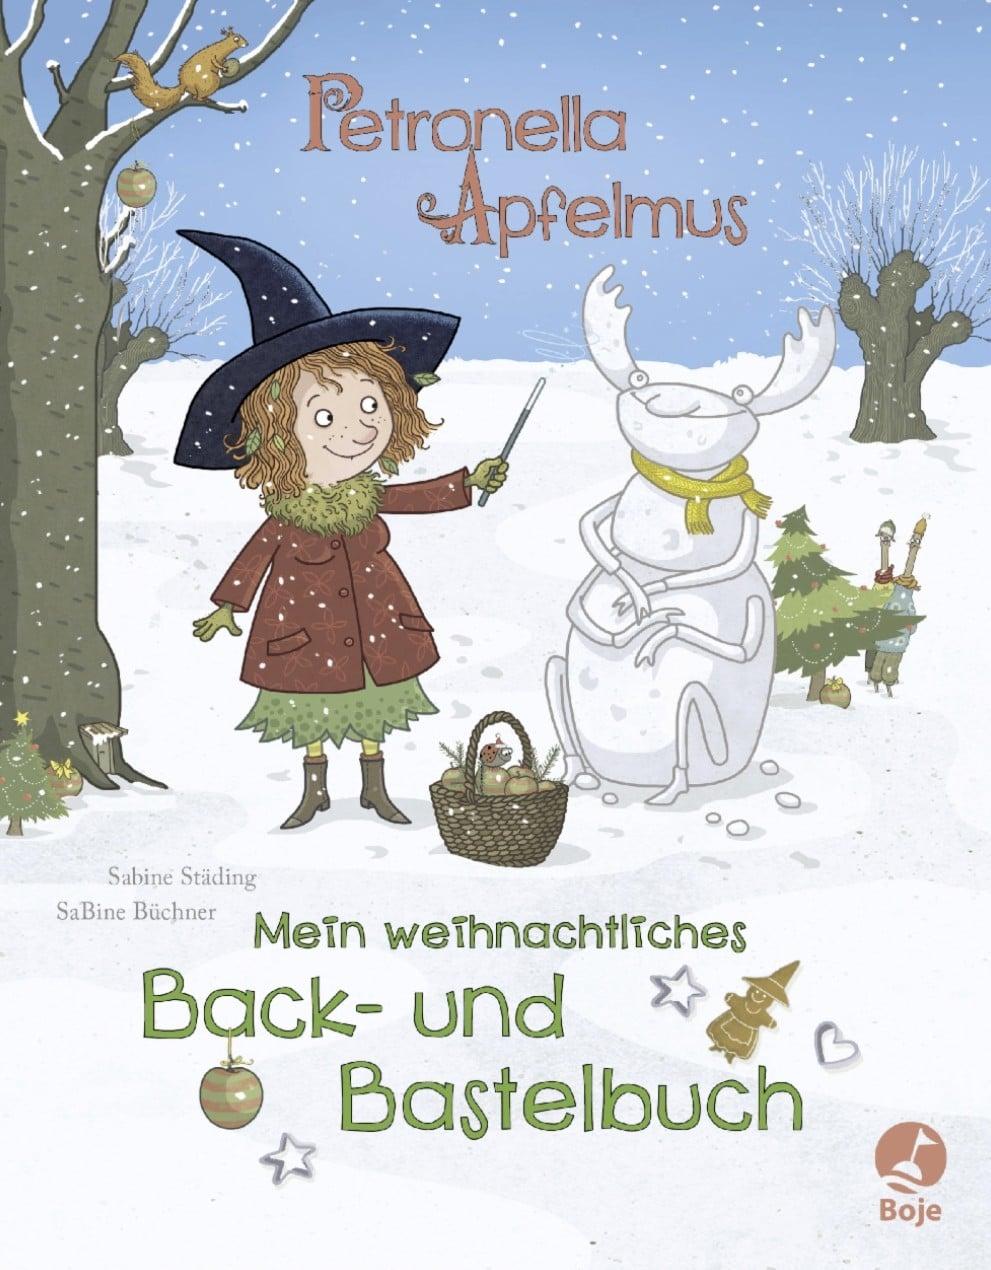 Kinderbücher ab 6 Jahren Archive - Kinderbuchlesen.de